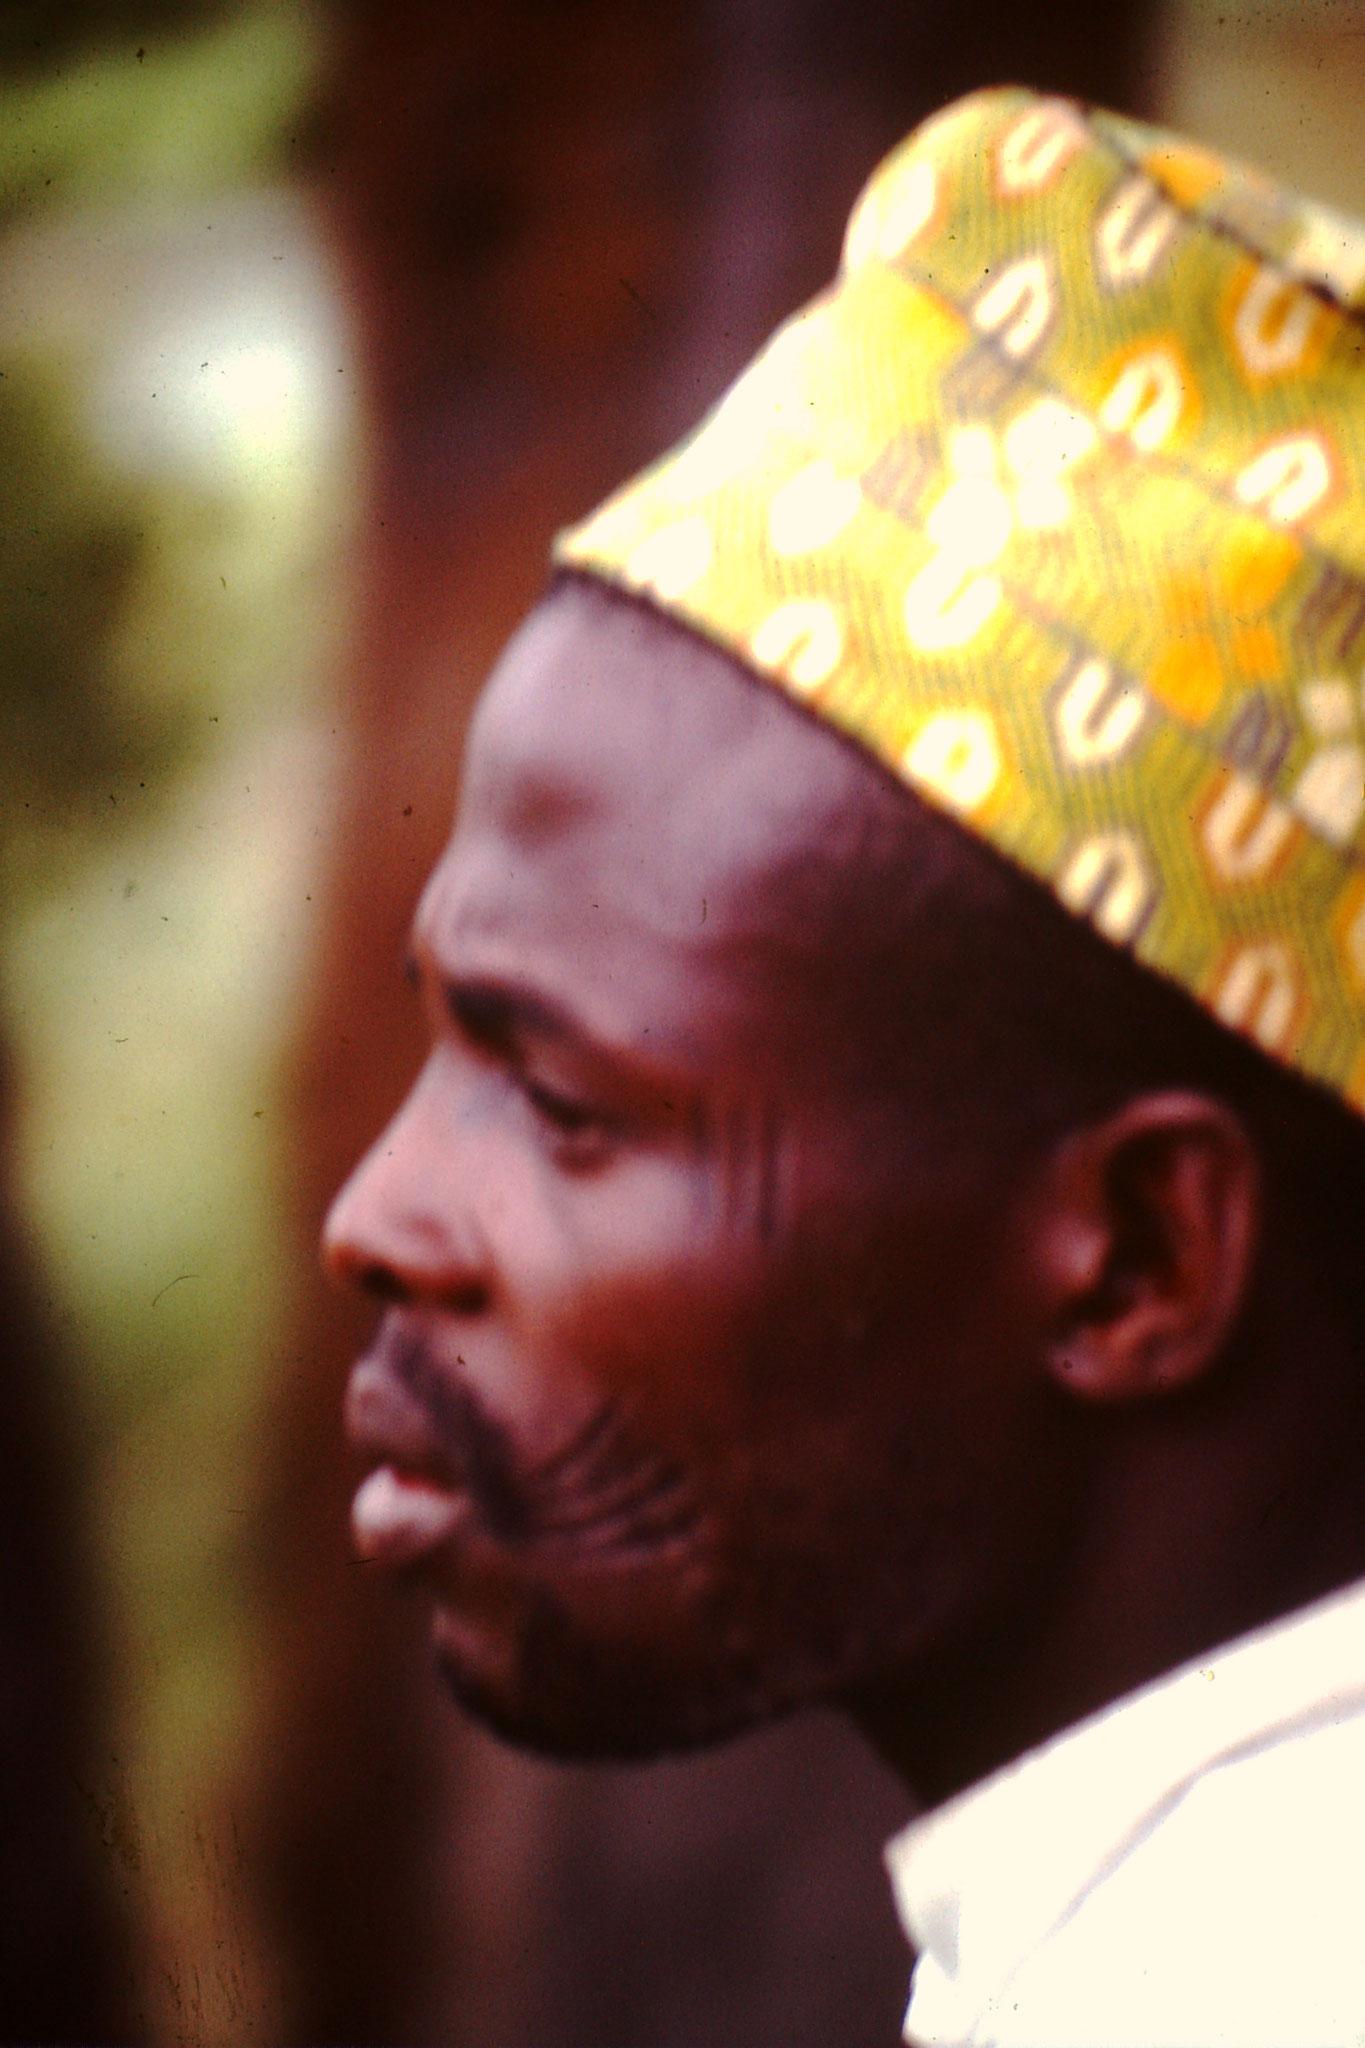 Hausa mit Gesichtsnarben. Die Gesichtsnarben sind wie ein Pass. Sie zeigen zu welchem Stamm sie gehören und zu welcher Familie.